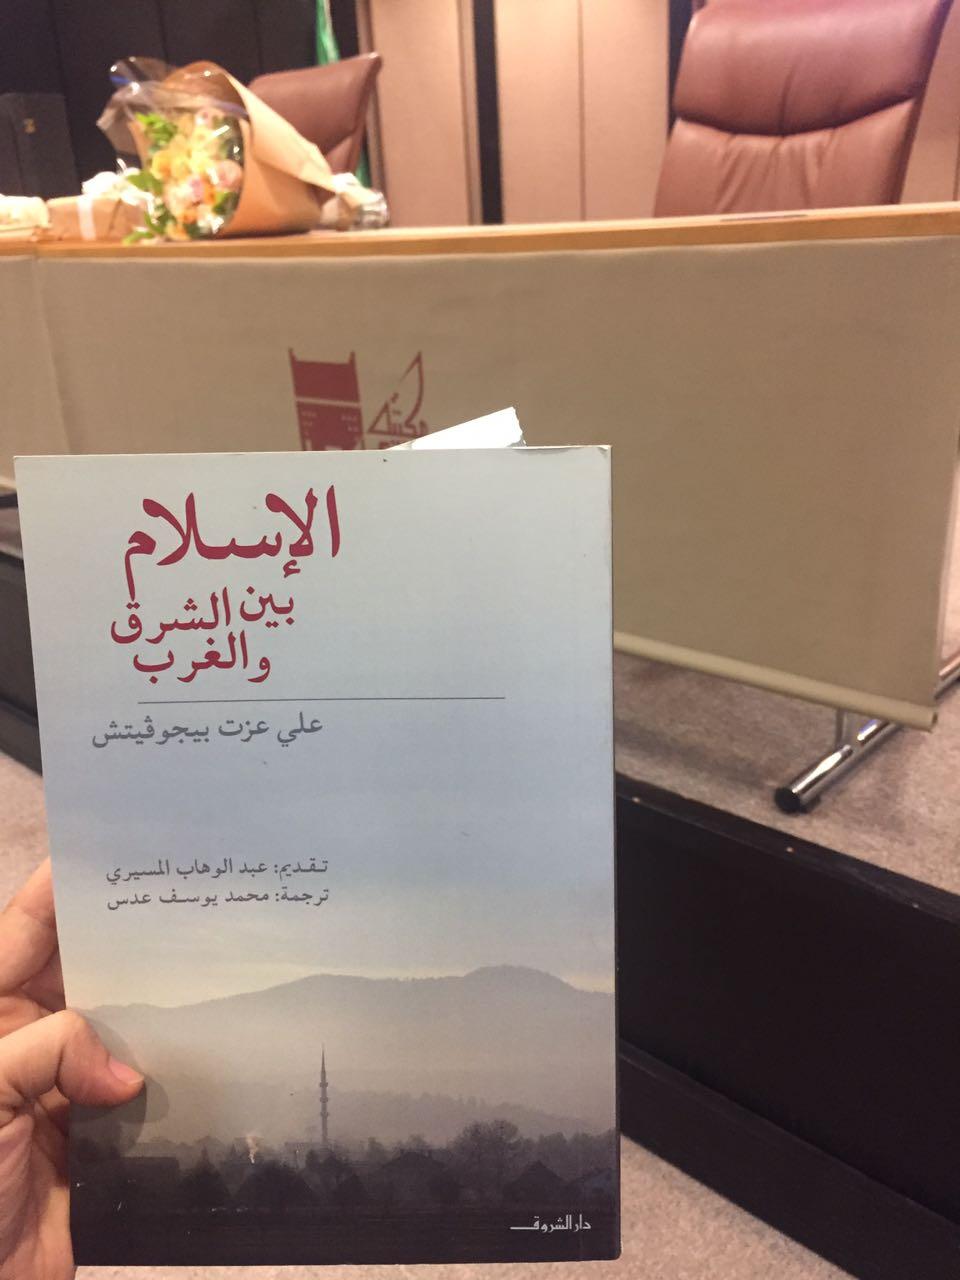 صور الاسلام بين الشرق والغرب , اروع عبارات من كتاب الاسلام بين الشرق والغرب